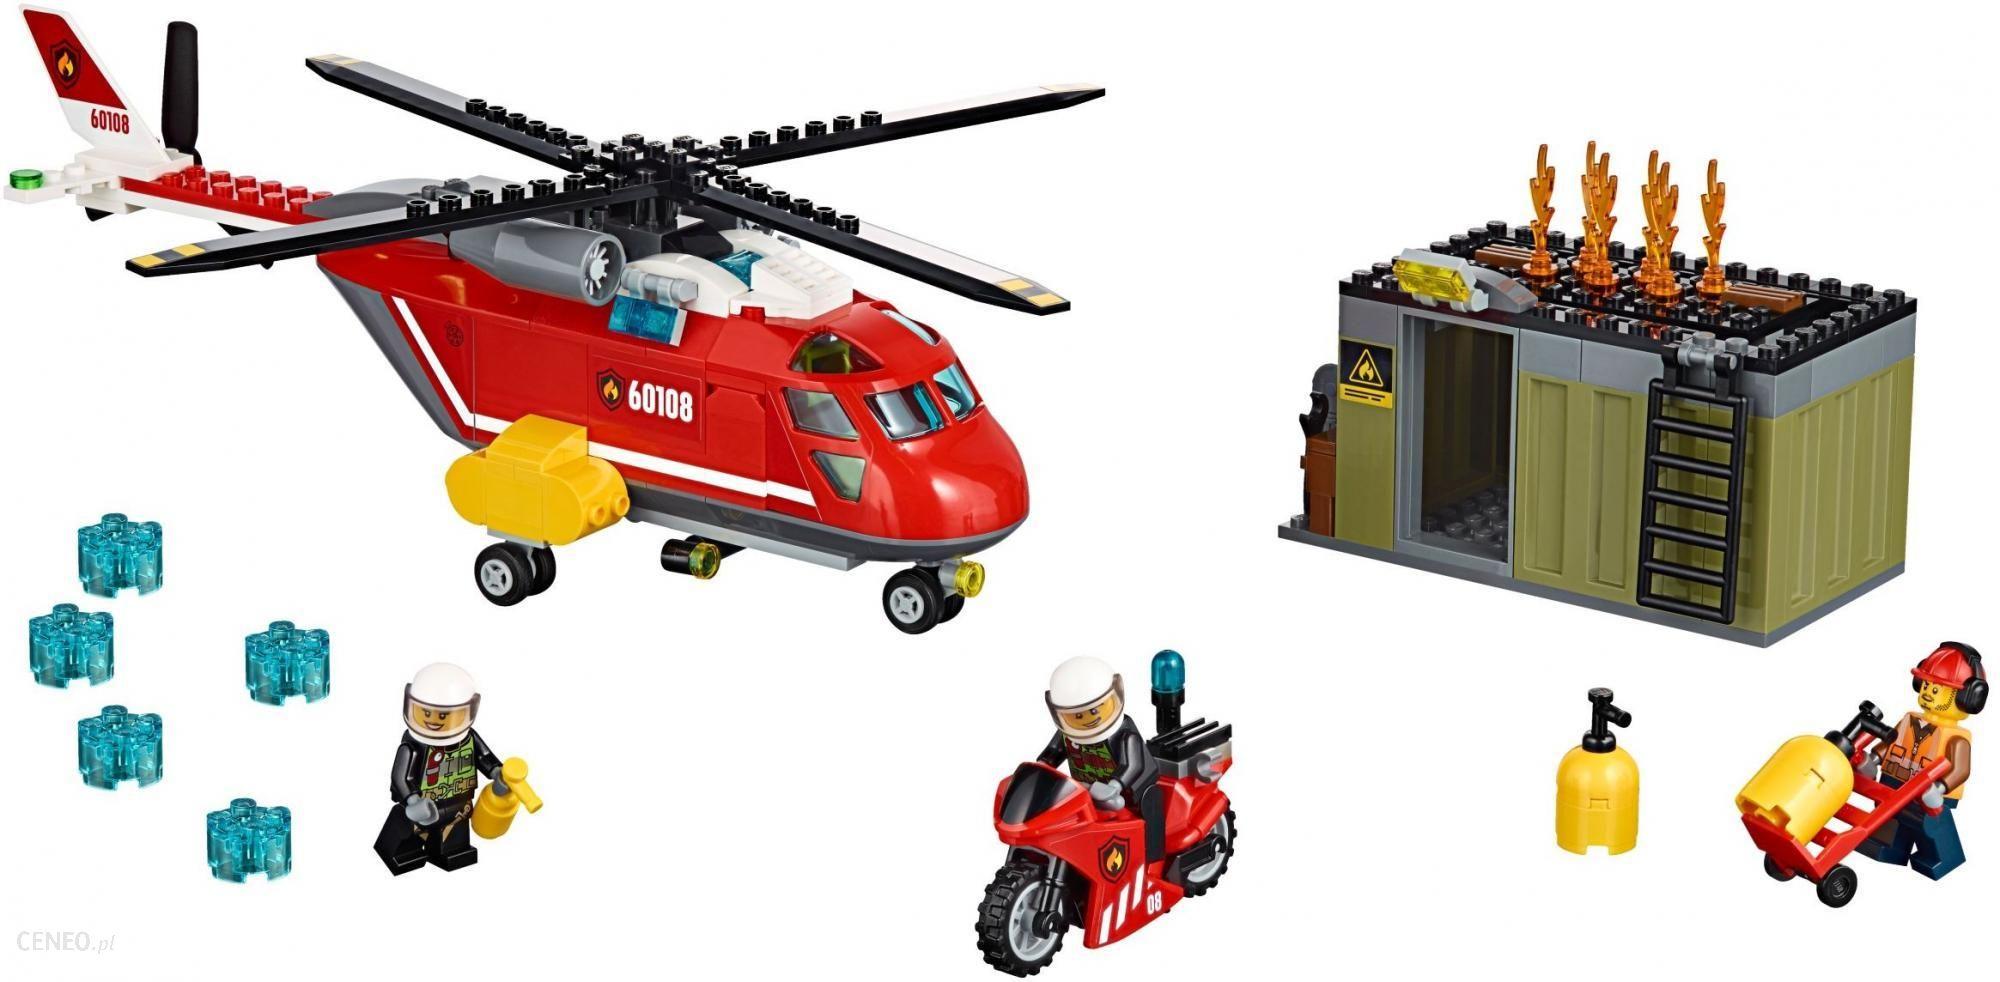 Klocki Lego City Helikopter Strażacki 60108 Ceny I Opinie Ceneopl